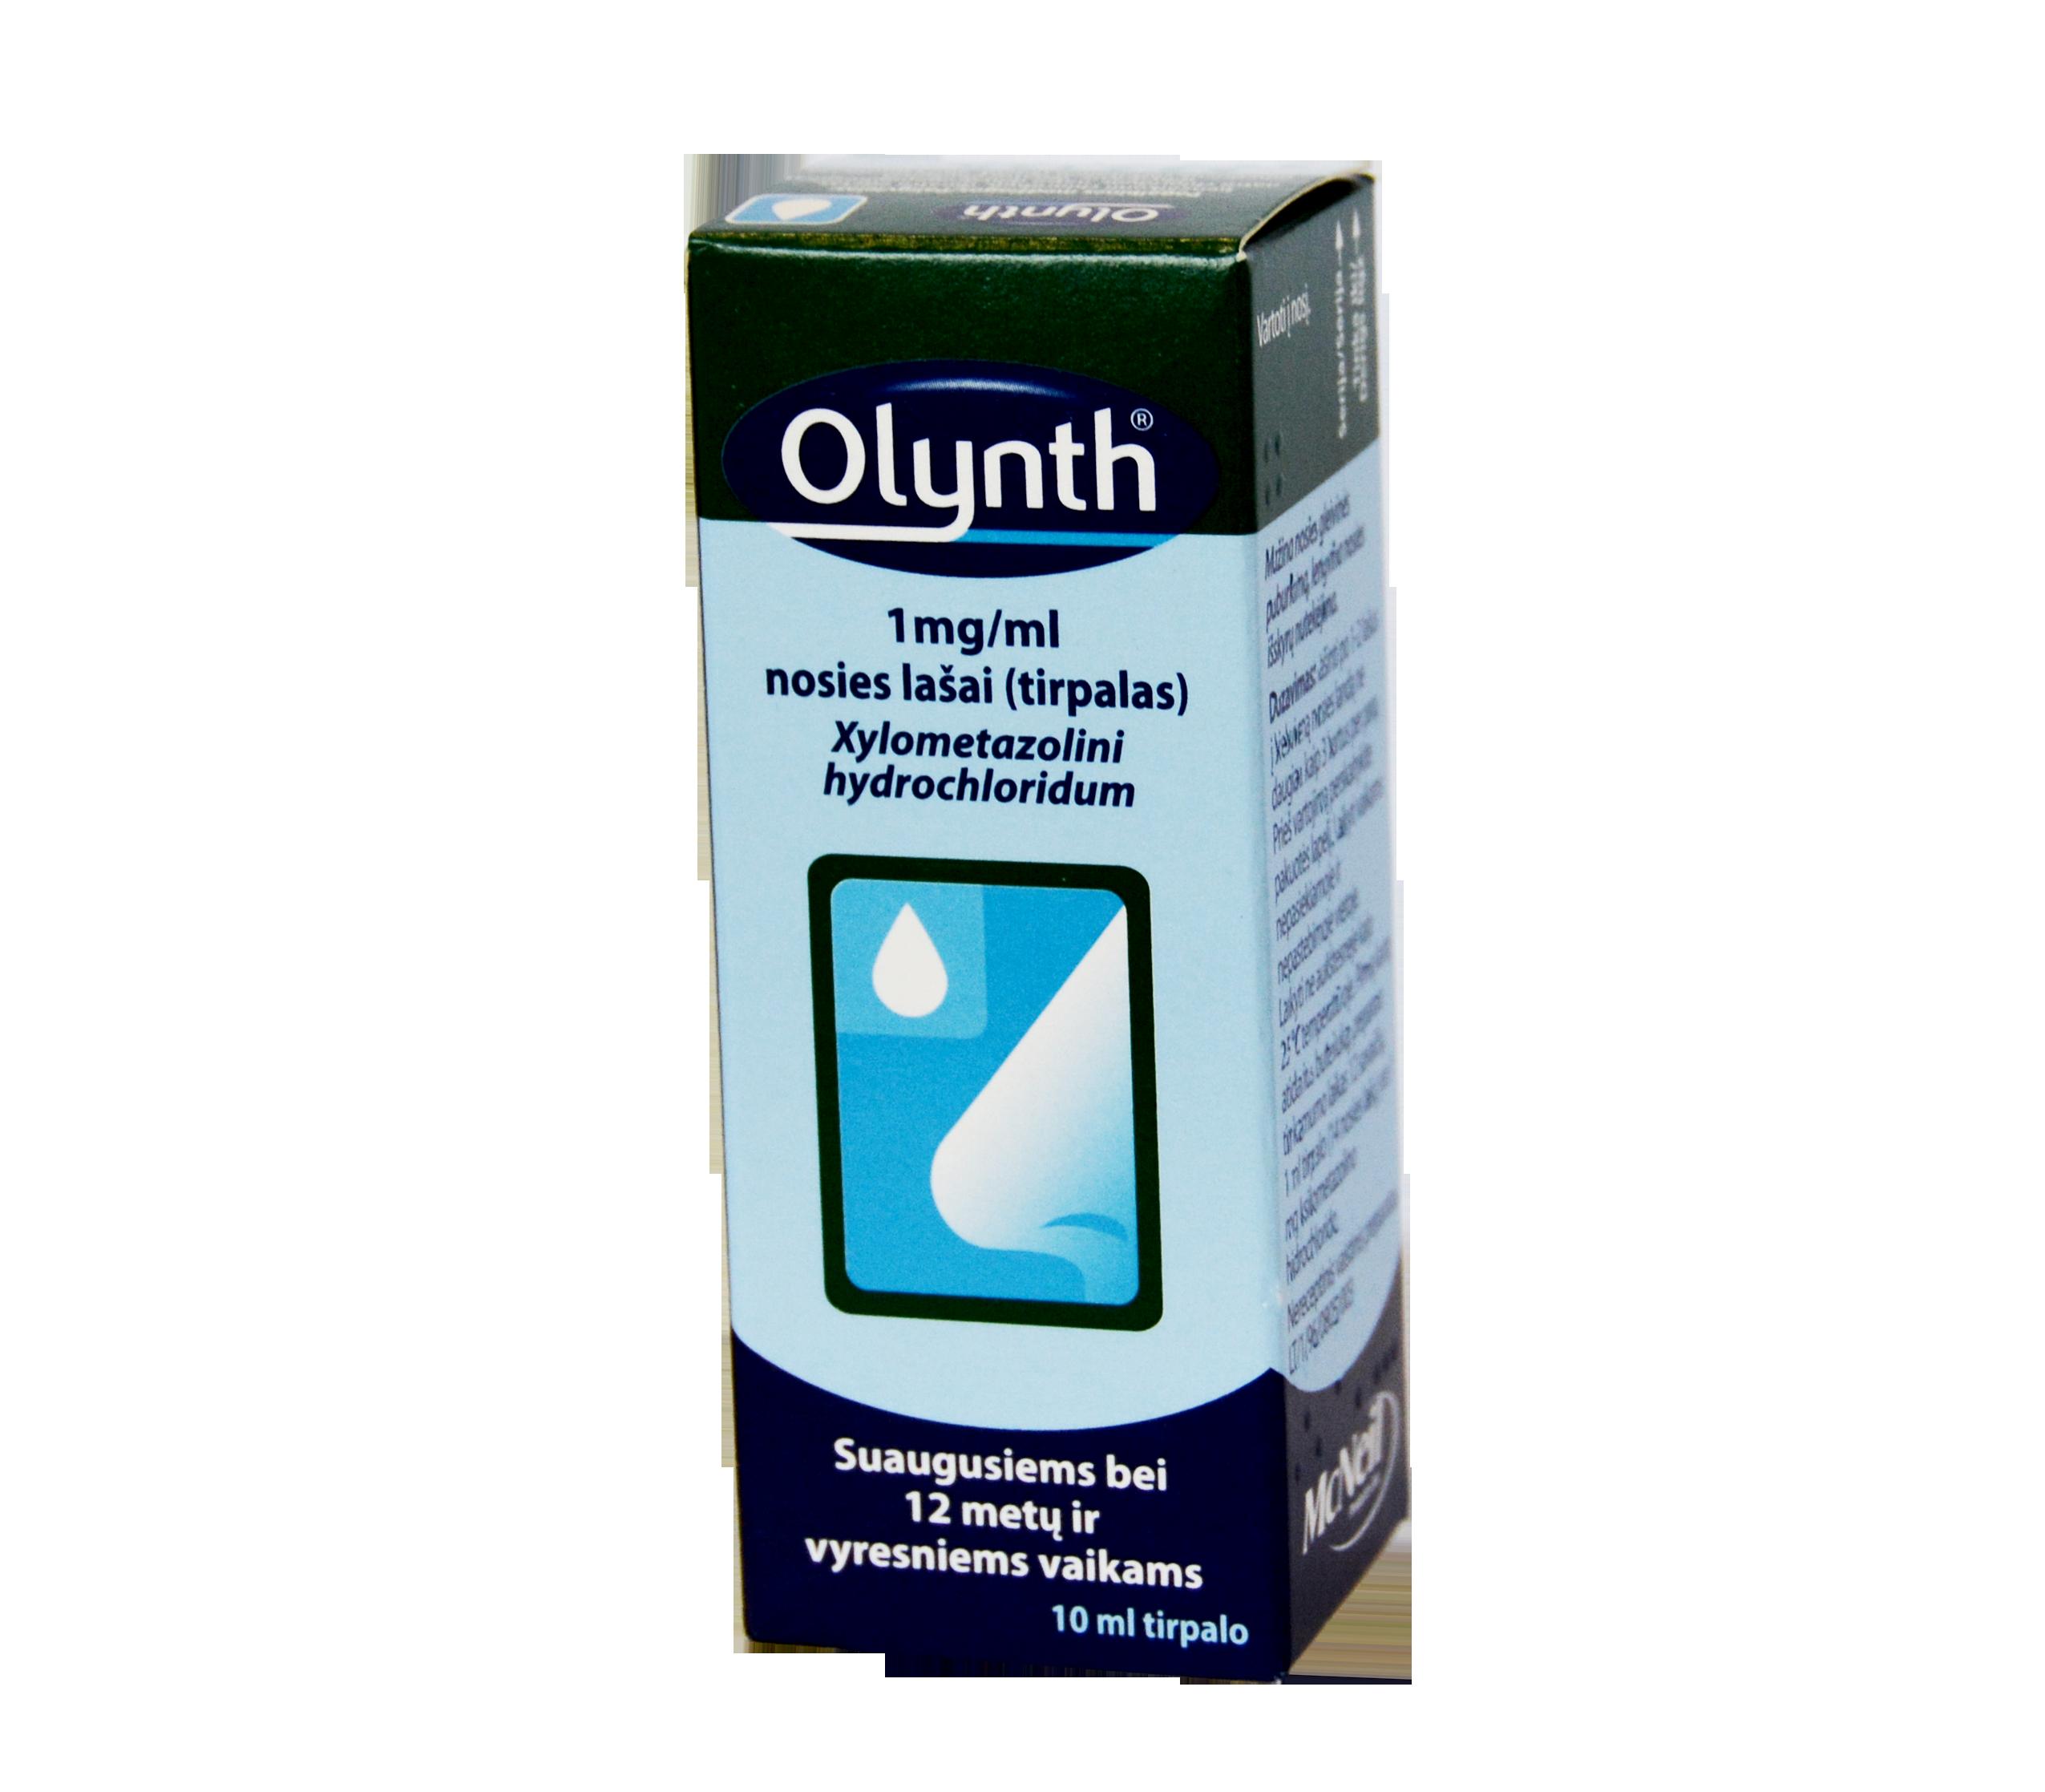 Lisinopril - Grindeks 20mg tabletės N28 - vanagaite.lt